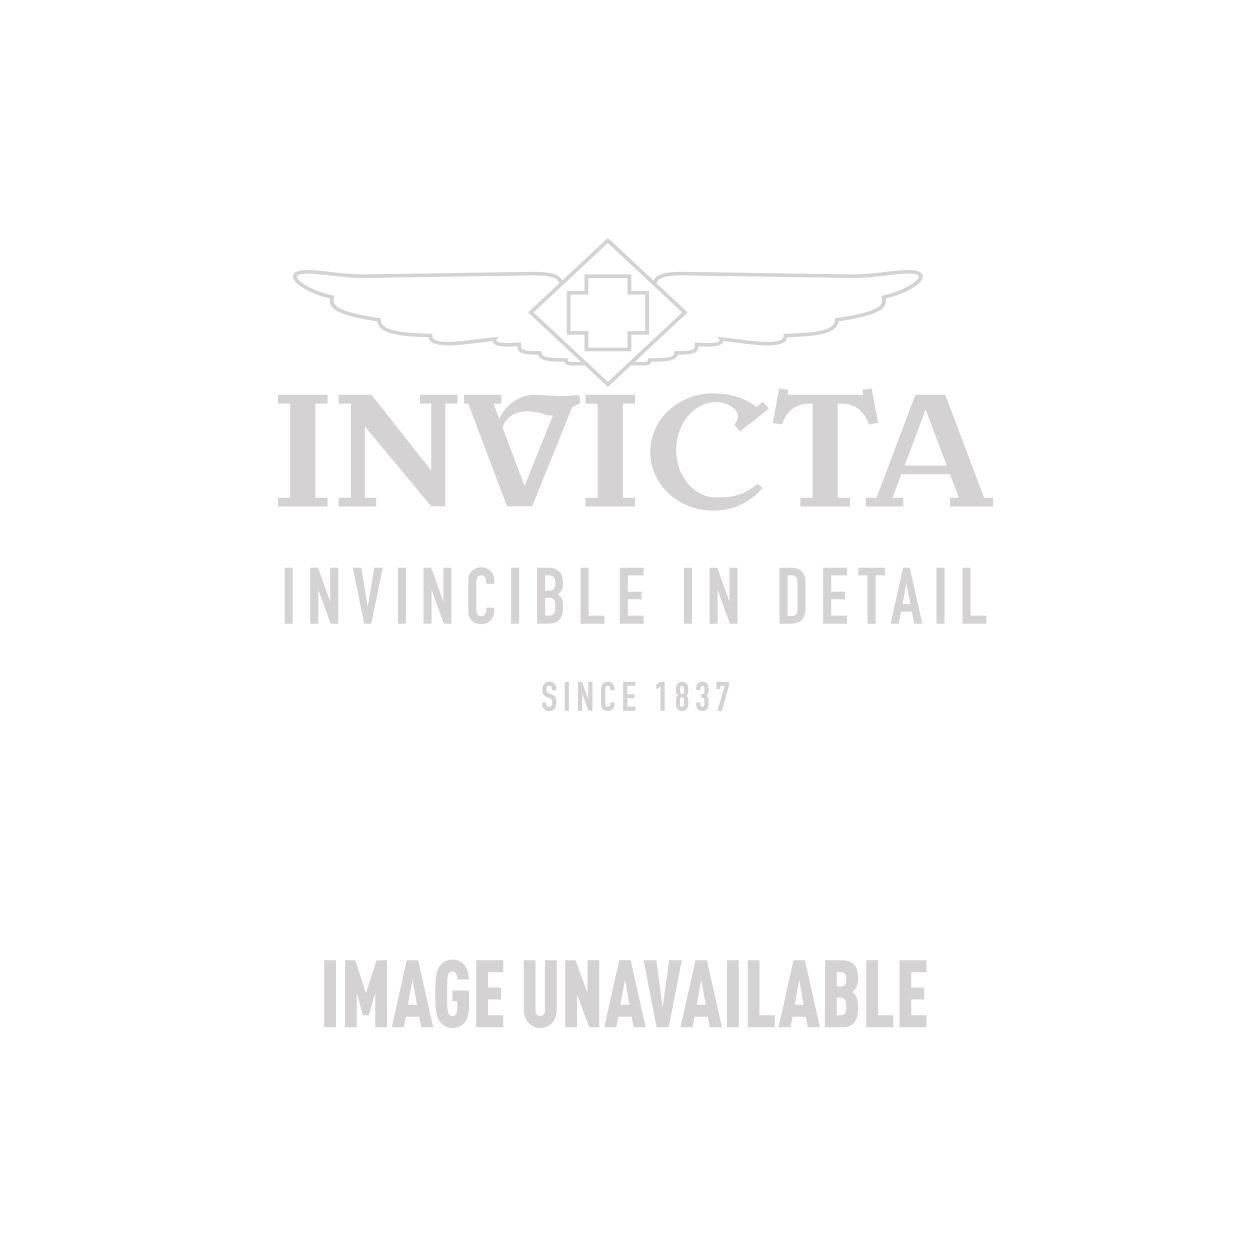 Invicta Model 22064